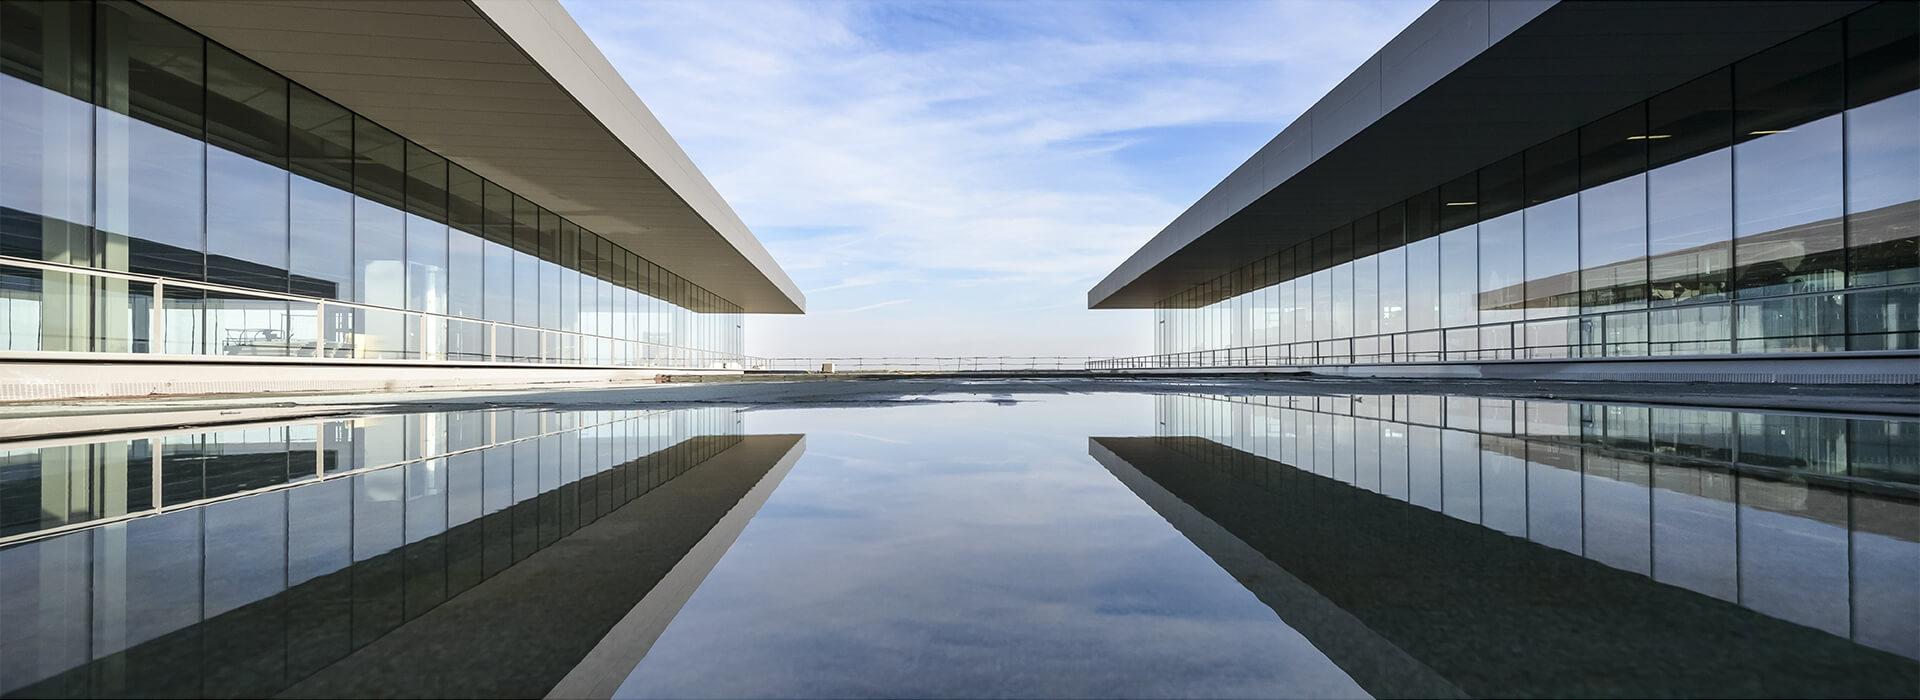 Αρχιτεκτονική και Μελέτη Διακόσμησης